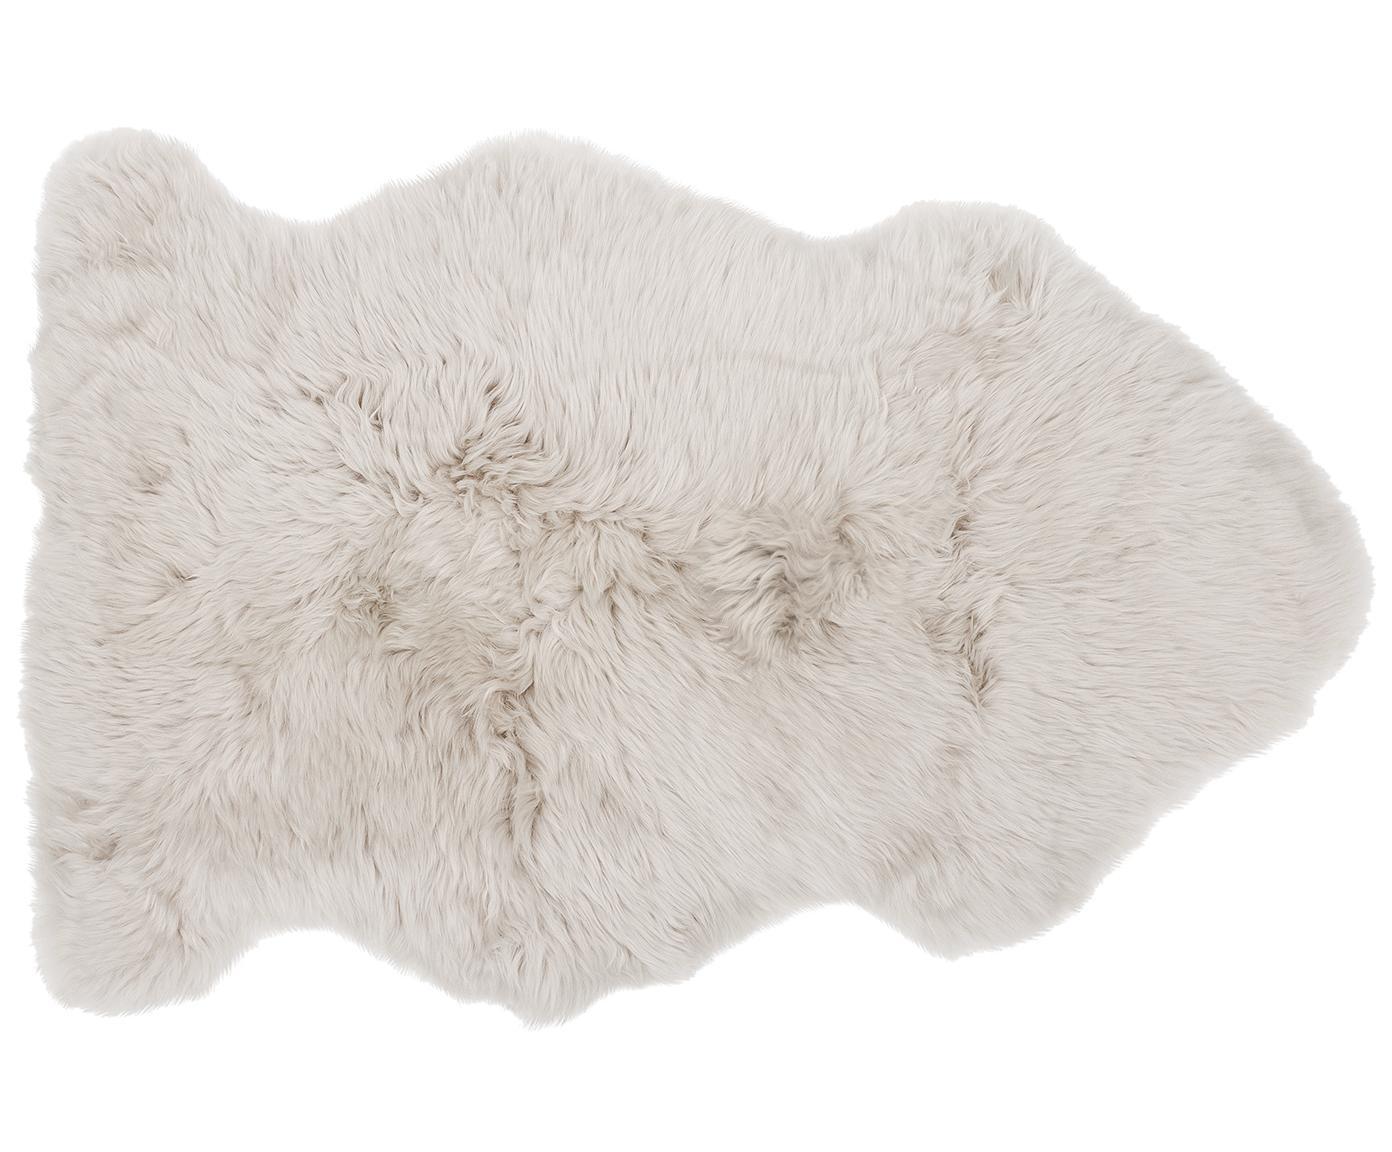 Piel de oveja Oslo, Parte delantera: 100%piel de oveja, Parte trasera: 100%cuero cuertido, Beige, An 60 x L 90 cm